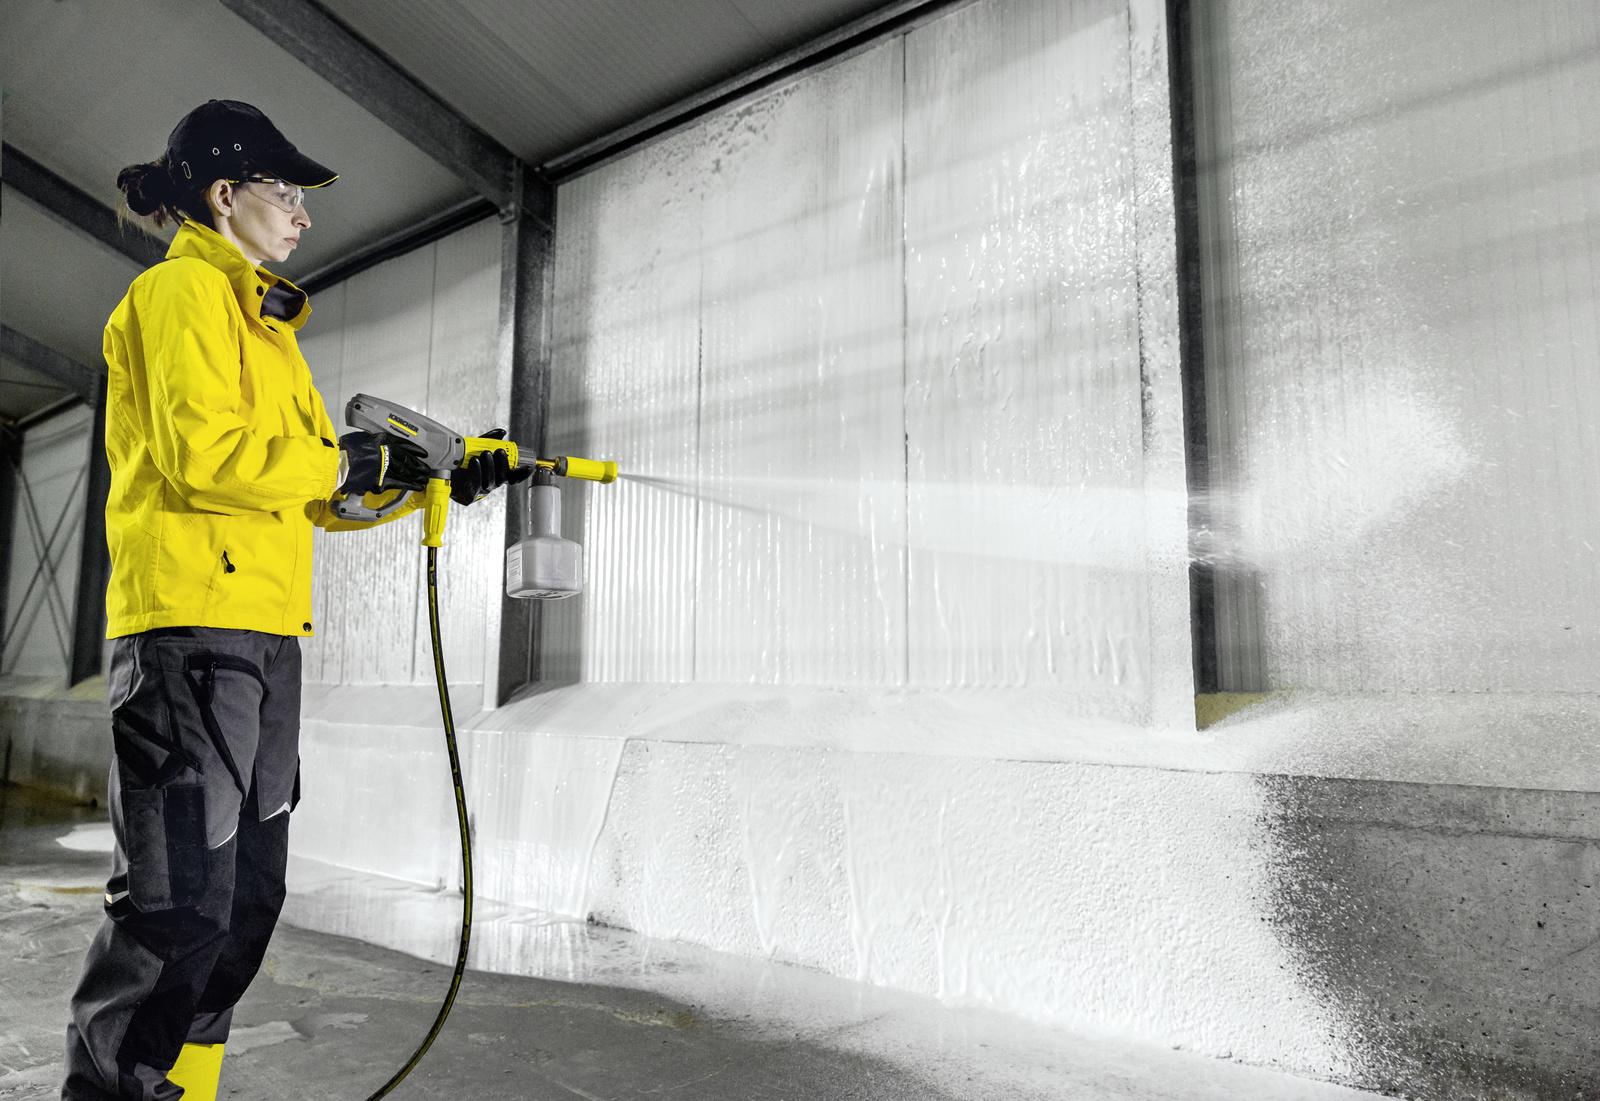 Uso de detergentes con limpiadoras de alta presion de agua caliente Kärcher